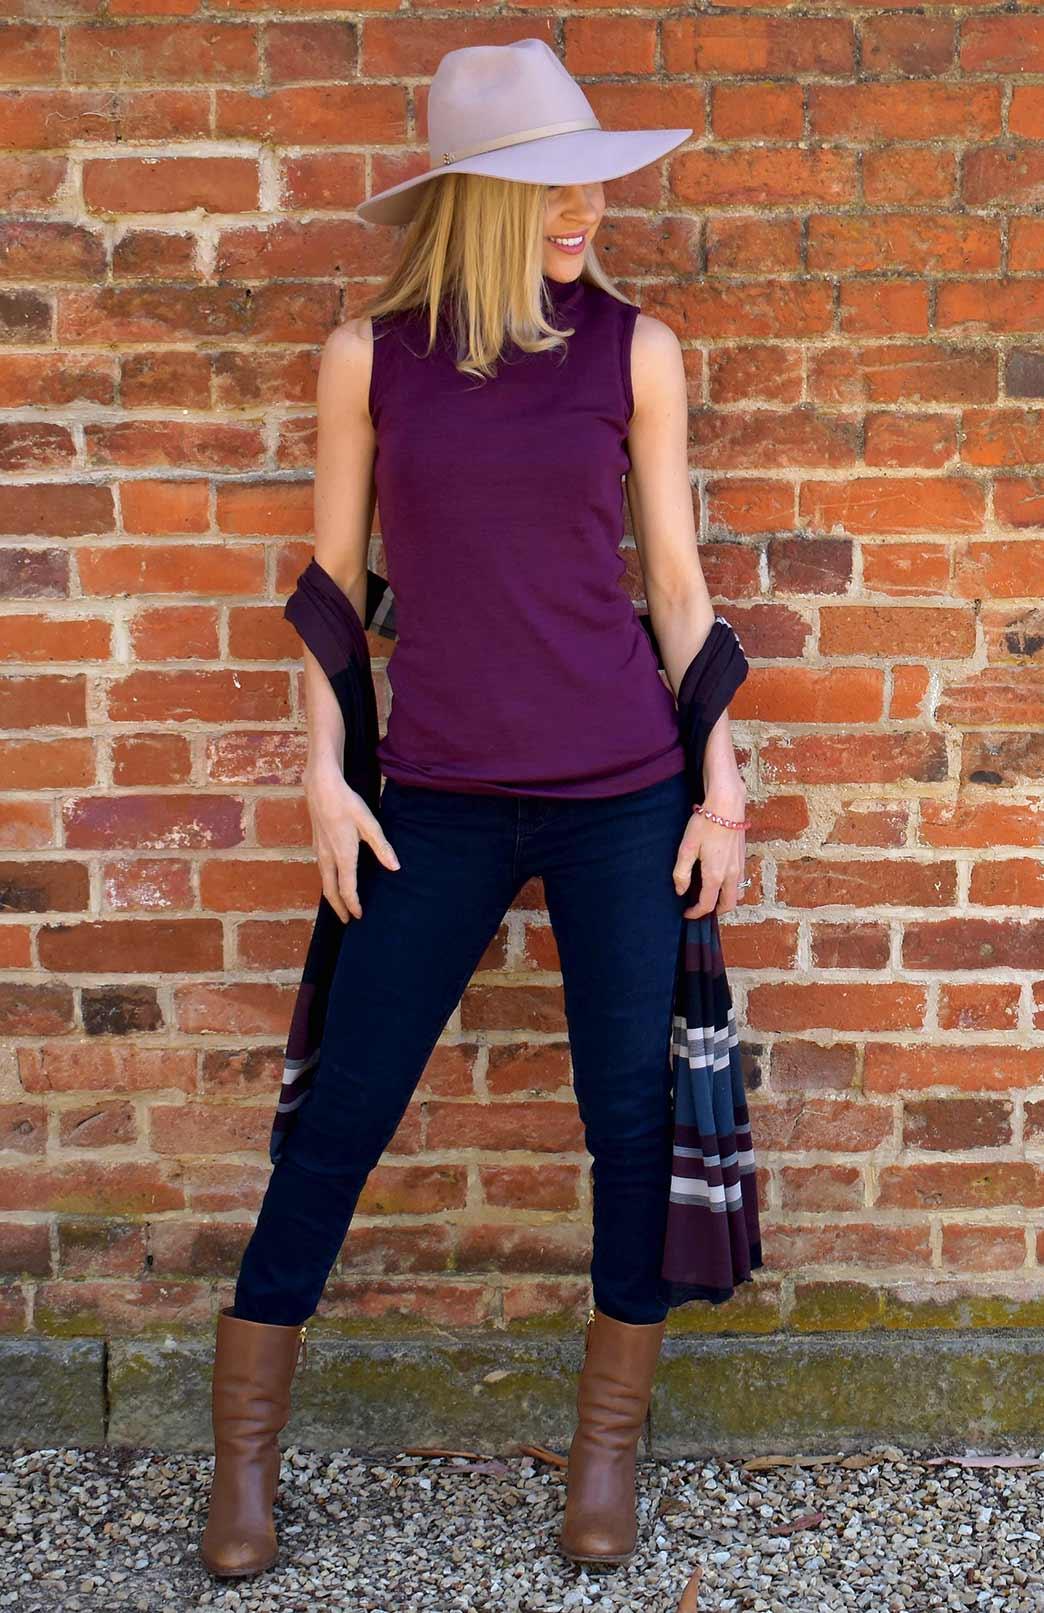 Estelle Top - Women's Merino Wool Aubergine Purple Sleeveless Polo Neck Top - Smitten Merino Tasmania Australia